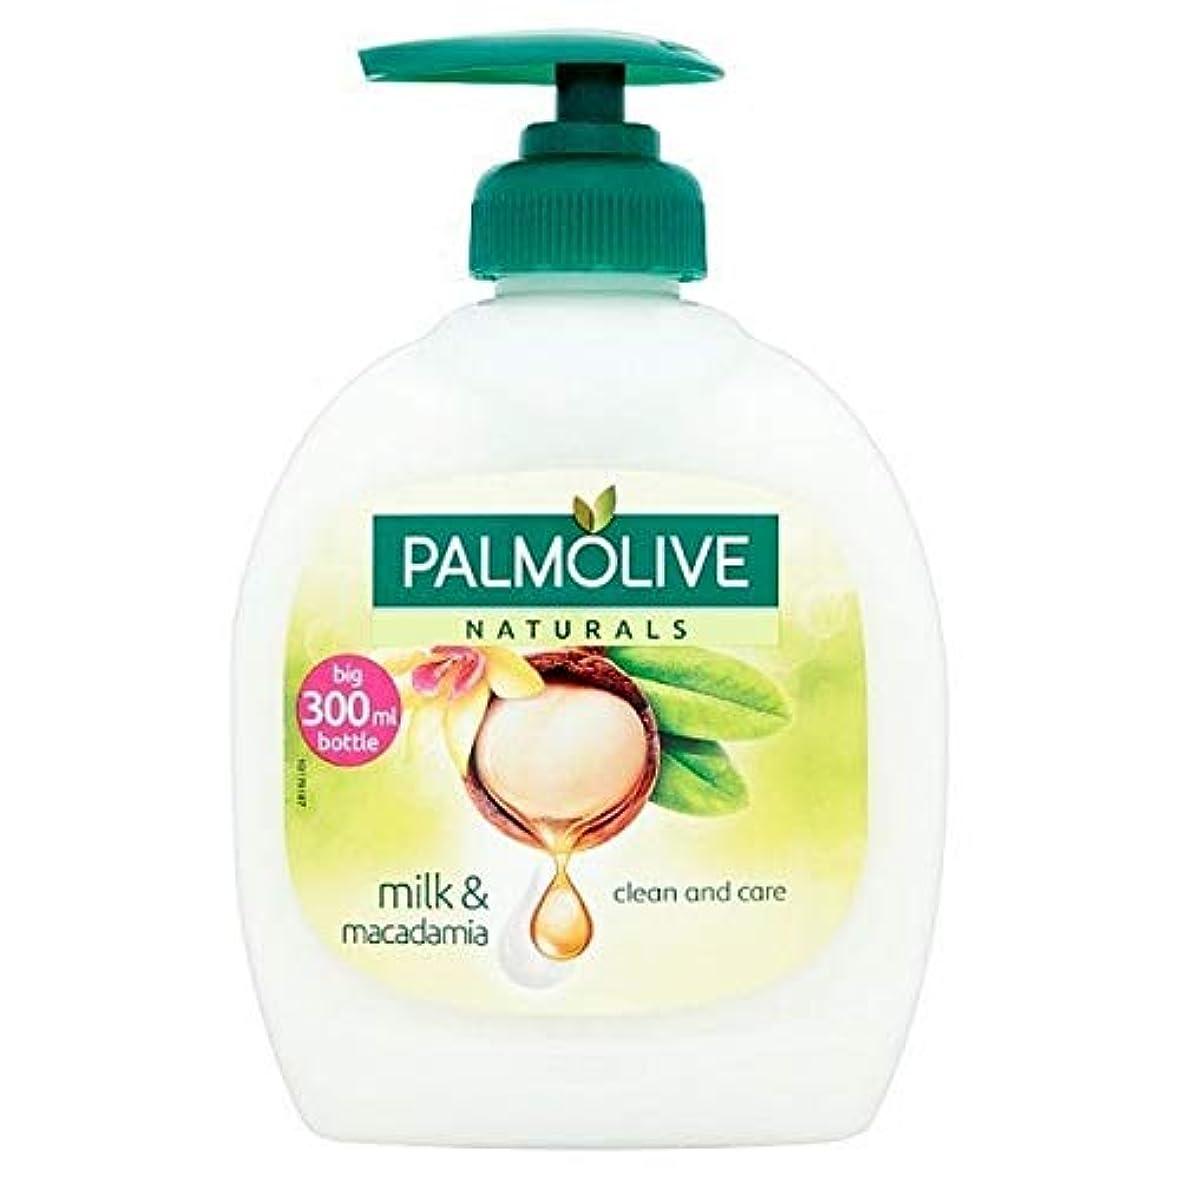 アカウント選挙目的[Palmolive ] パルモライブナチュラルマカダミア&バニラ液体手洗いの300ミリリットル - Palmolive Naturals Macadamia & Vanilla Liquid Handwash 300ml...